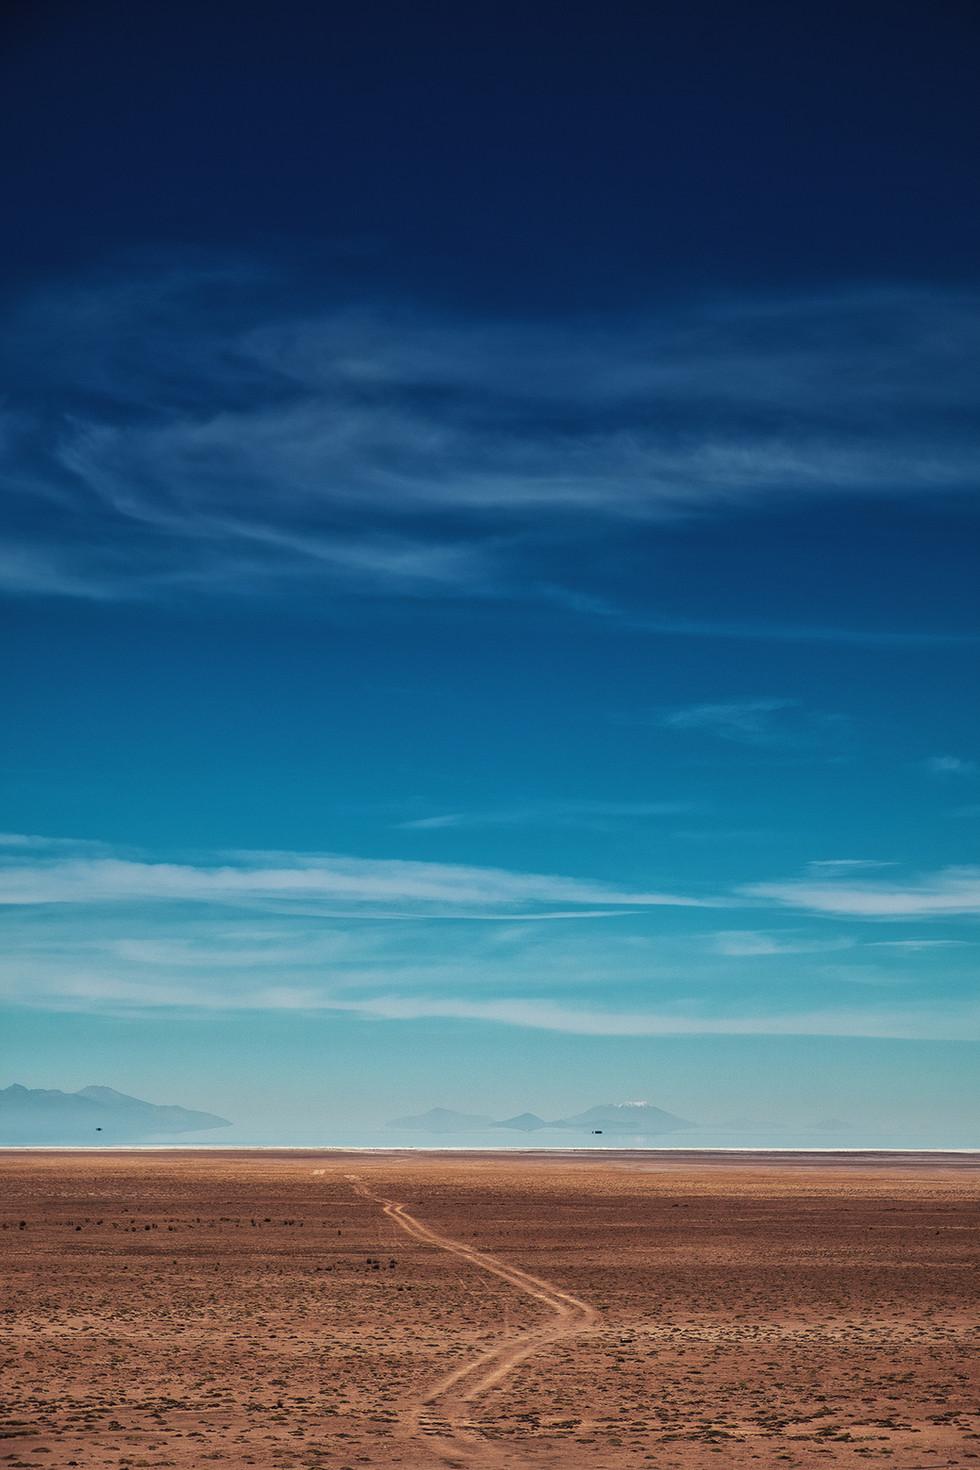 볼리비아-우유니사막